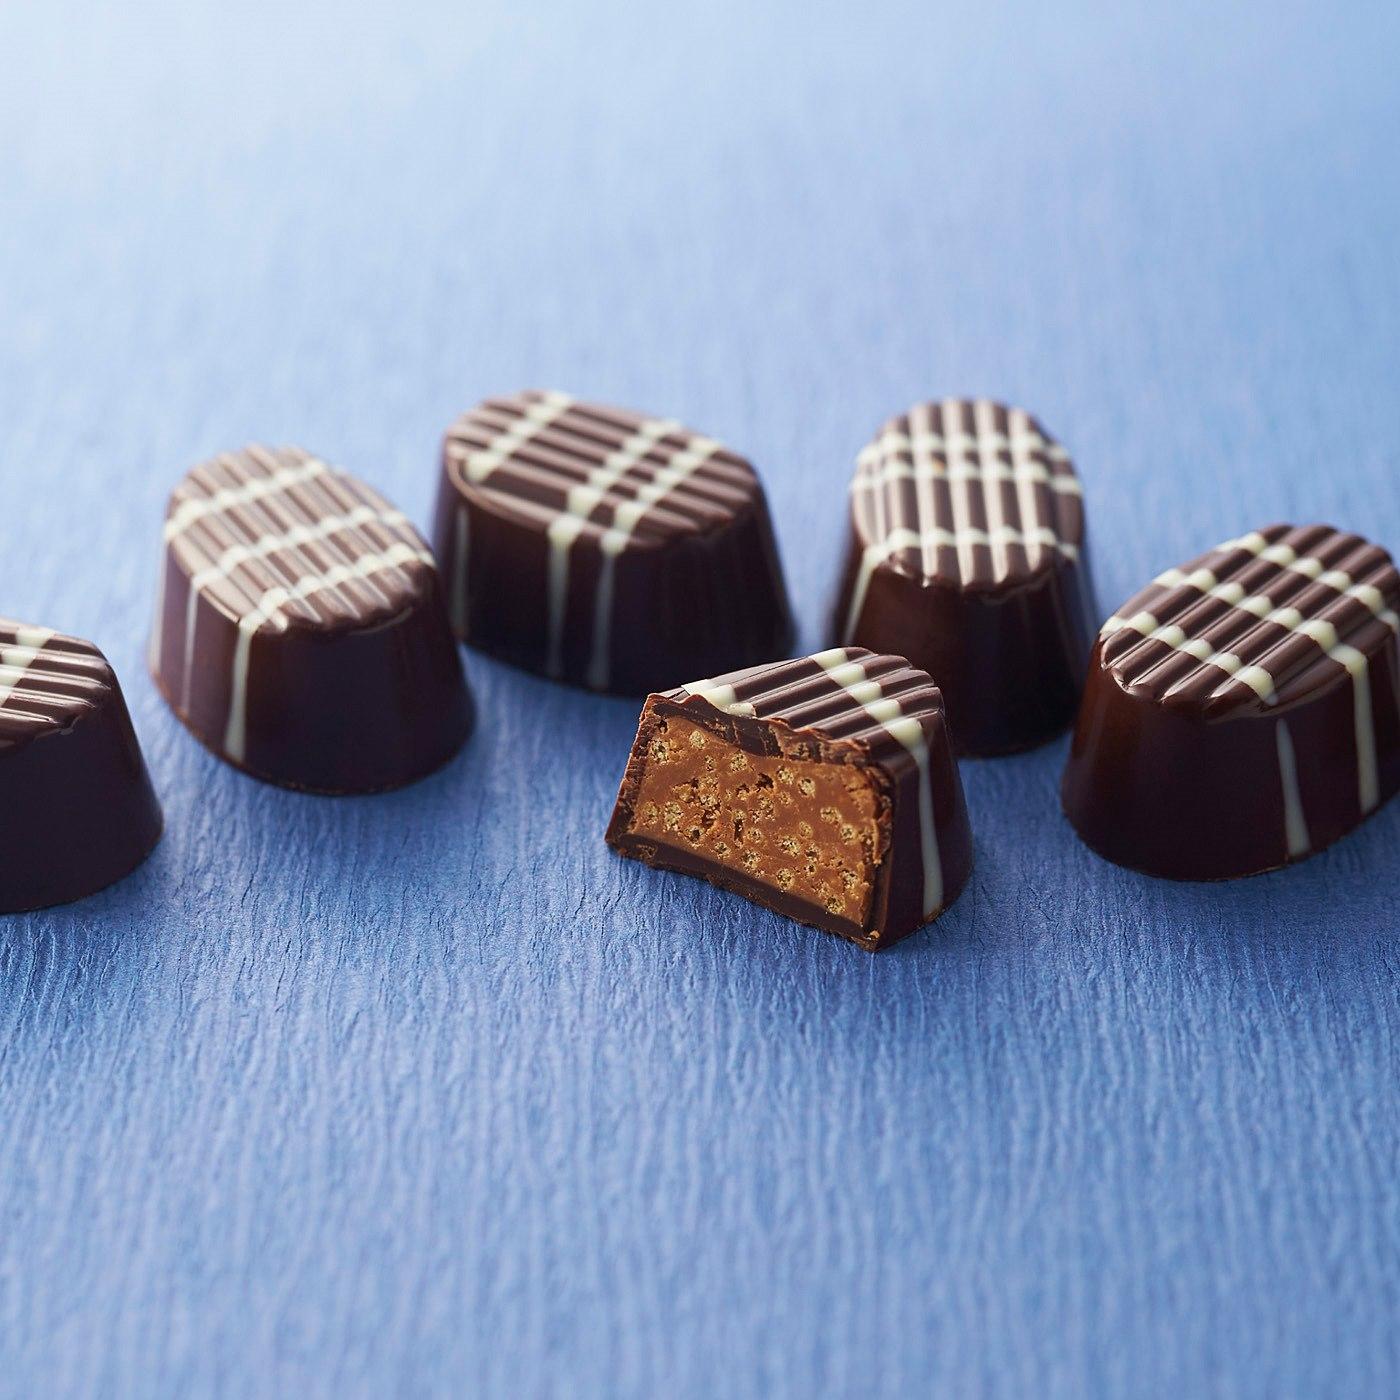 フェリシモ 【ホワイトデイお届け】ショコラノゼット アーモンドはちみつ